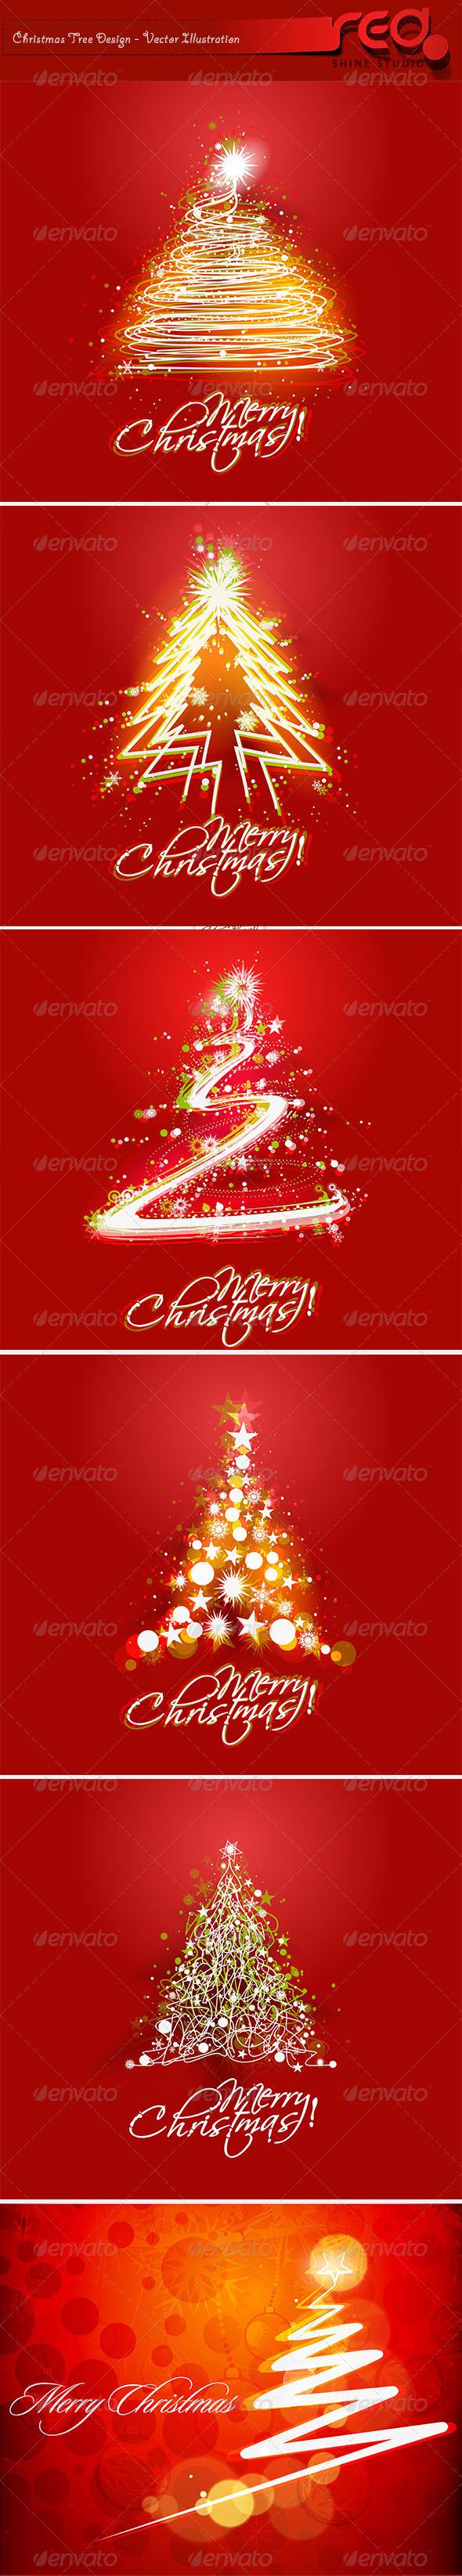 Christmas Backgrounds Pack - Christmas Seasons/Holidays